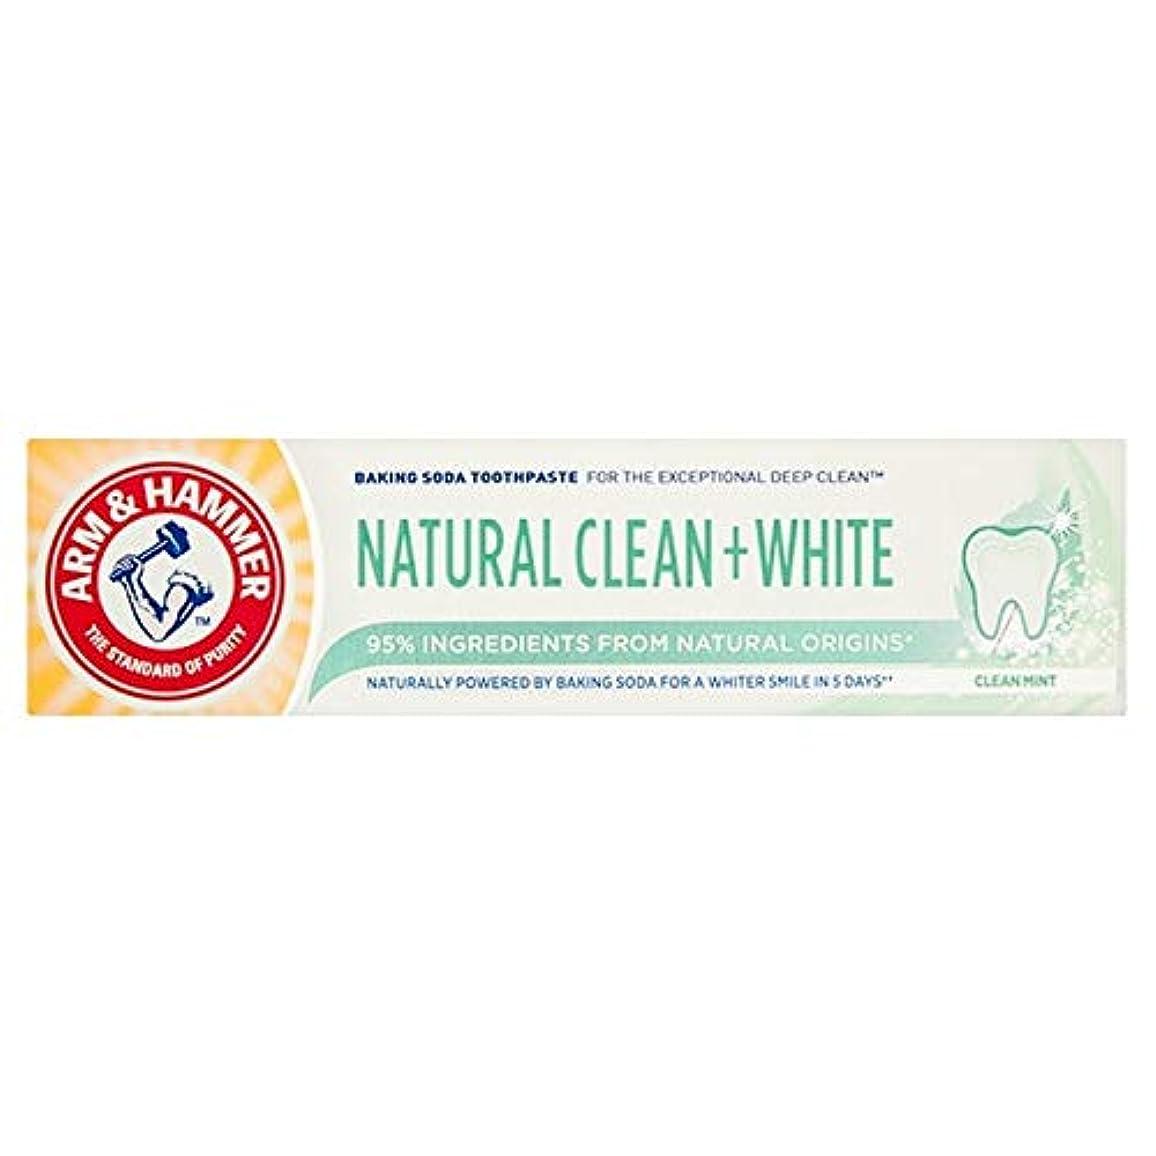 神経障害わかりやすい正確[Arm & Hammer ] アーム&ハンマーナチュラルクリーン+白75ミリリットル - Arm & Hammer Natural Clean + White 75ml [並行輸入品]